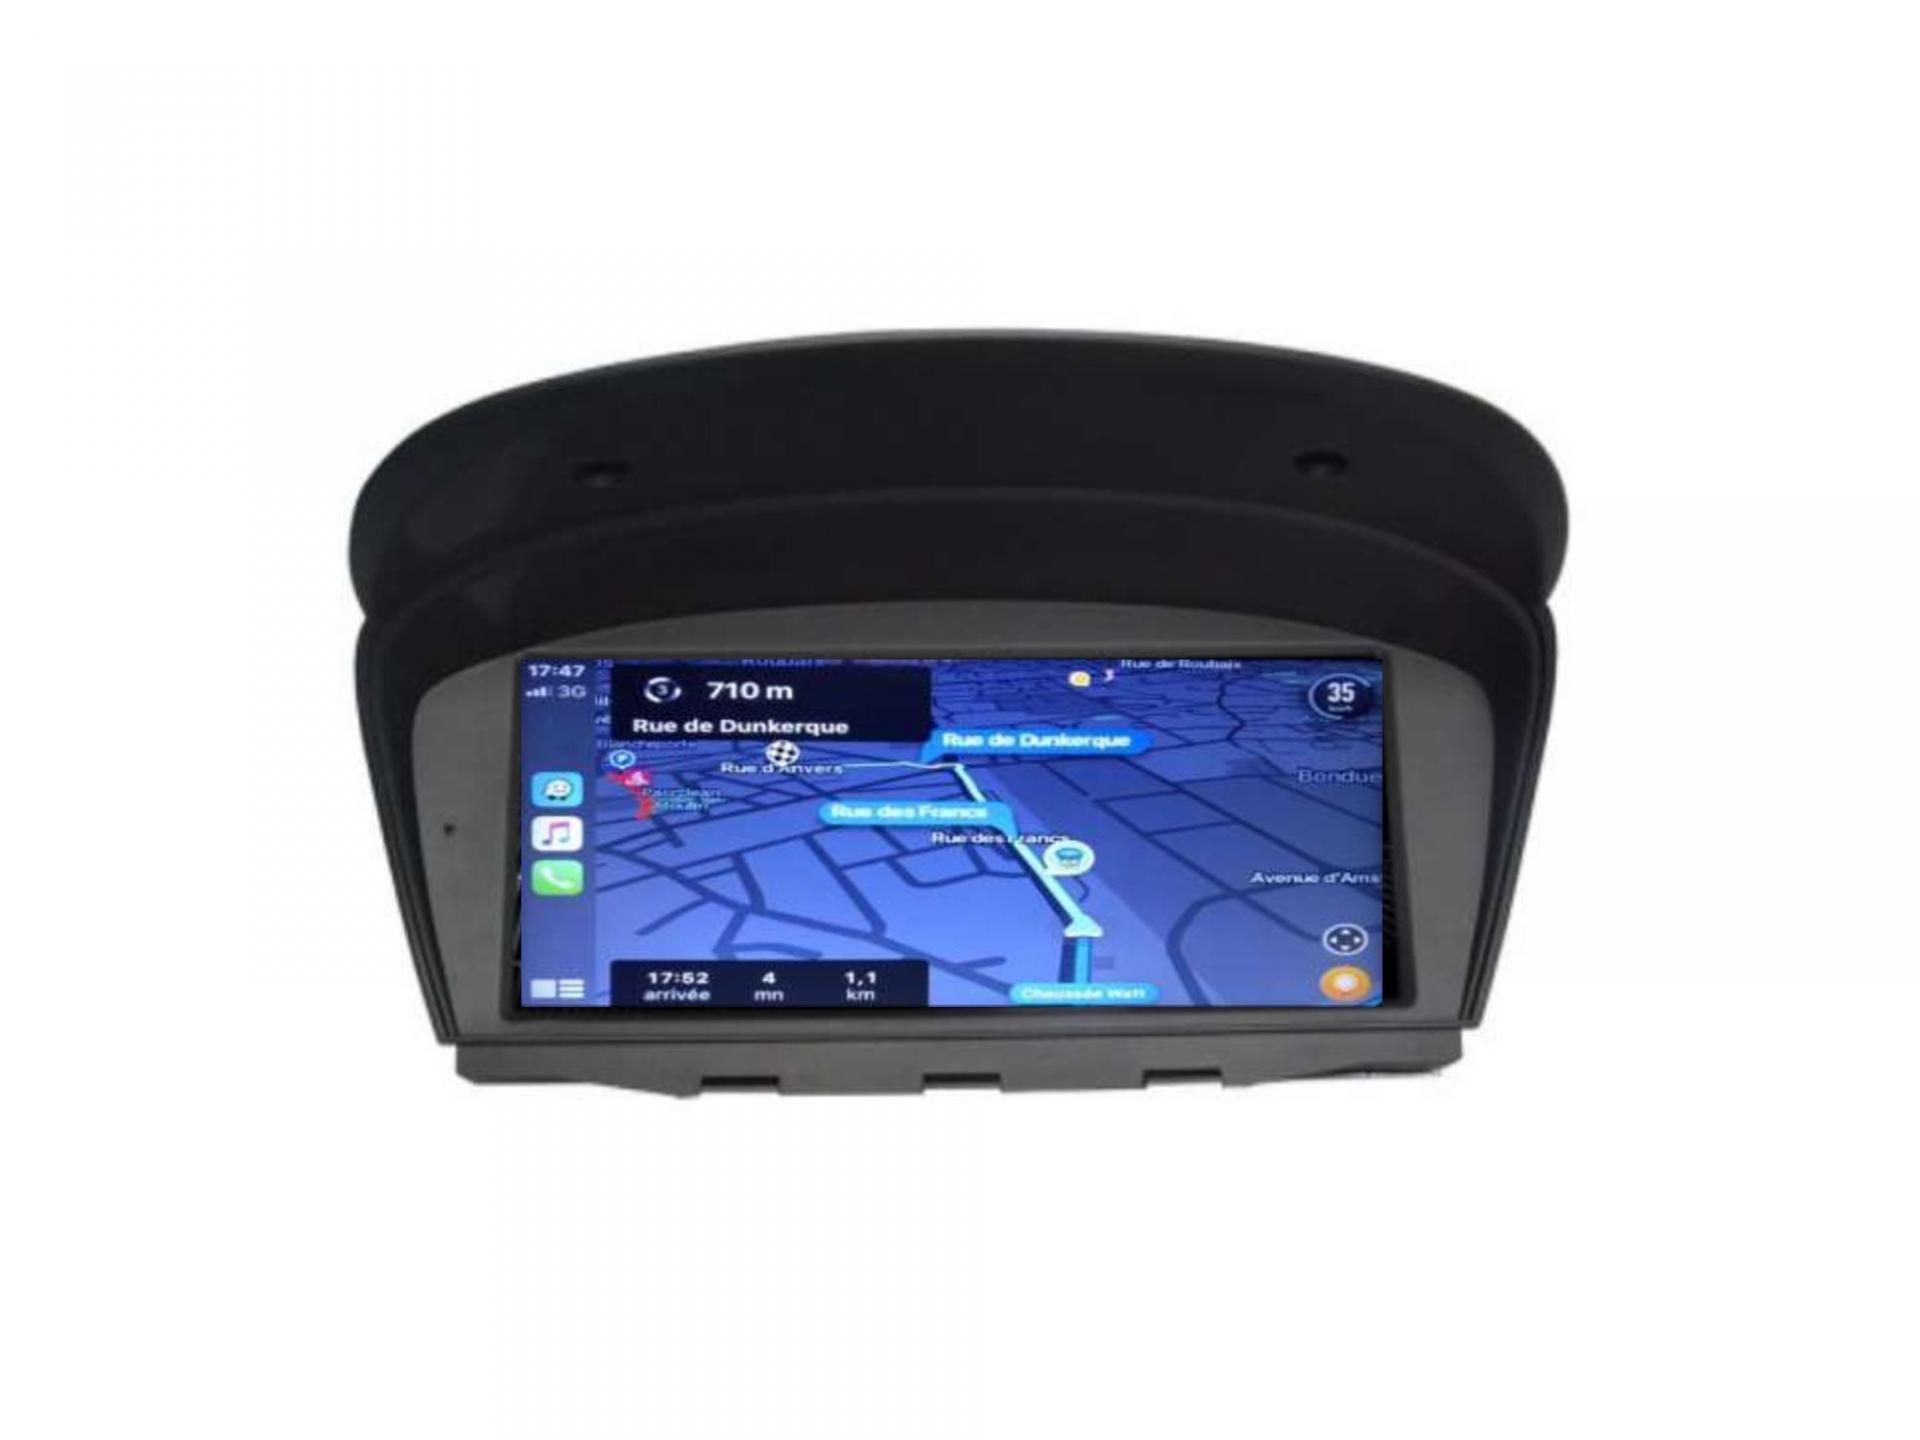 Autoradio gps carplay android auto bluetooth bmw serie 5 m5 e60 serie 6 e63 e64 serie 3 e90 5